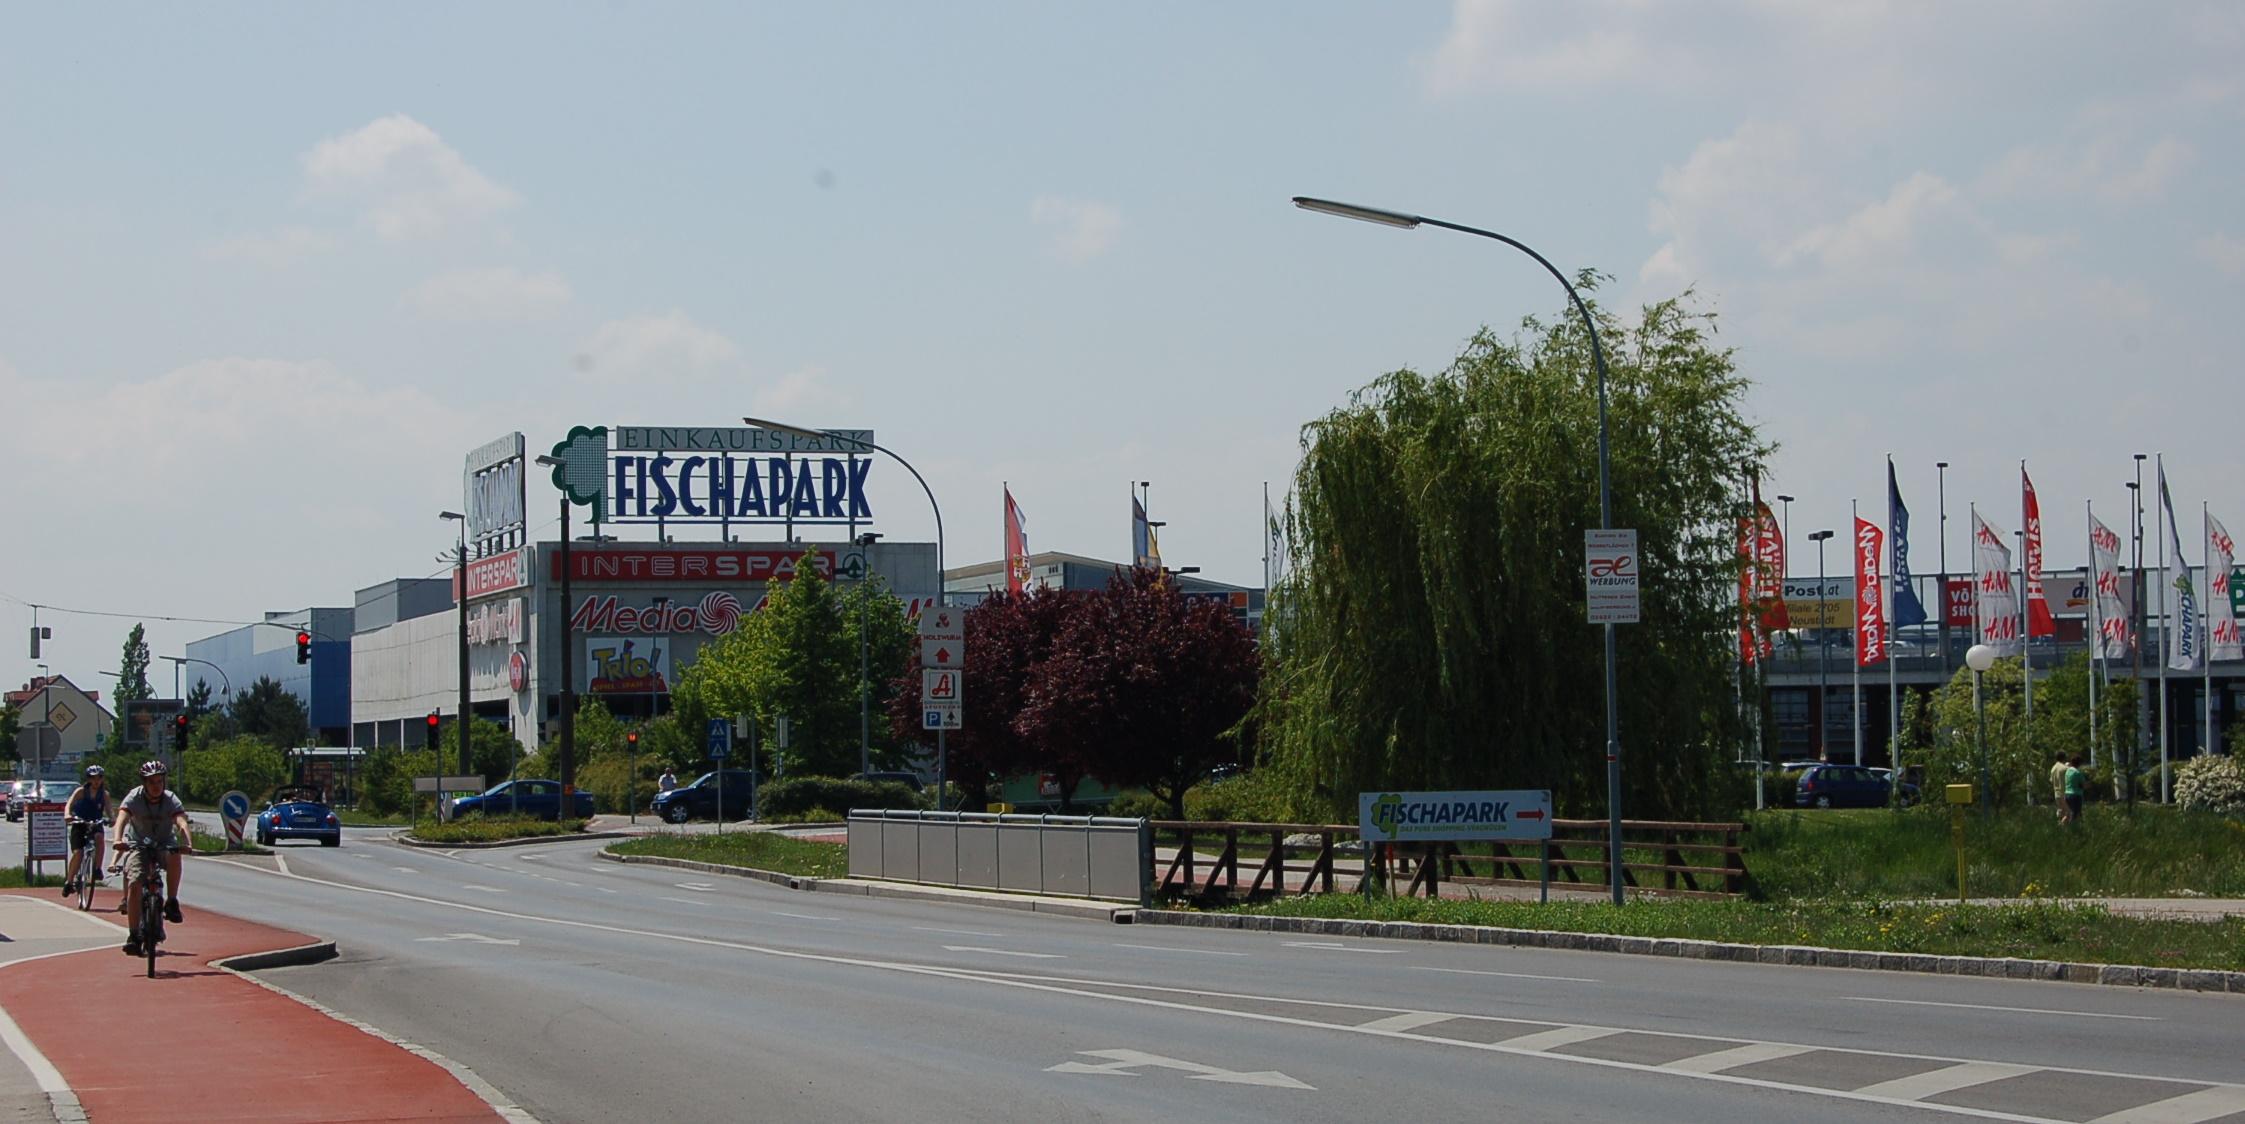 FileWrNeustadt Fischapark1JPG  Wikimedia Commons